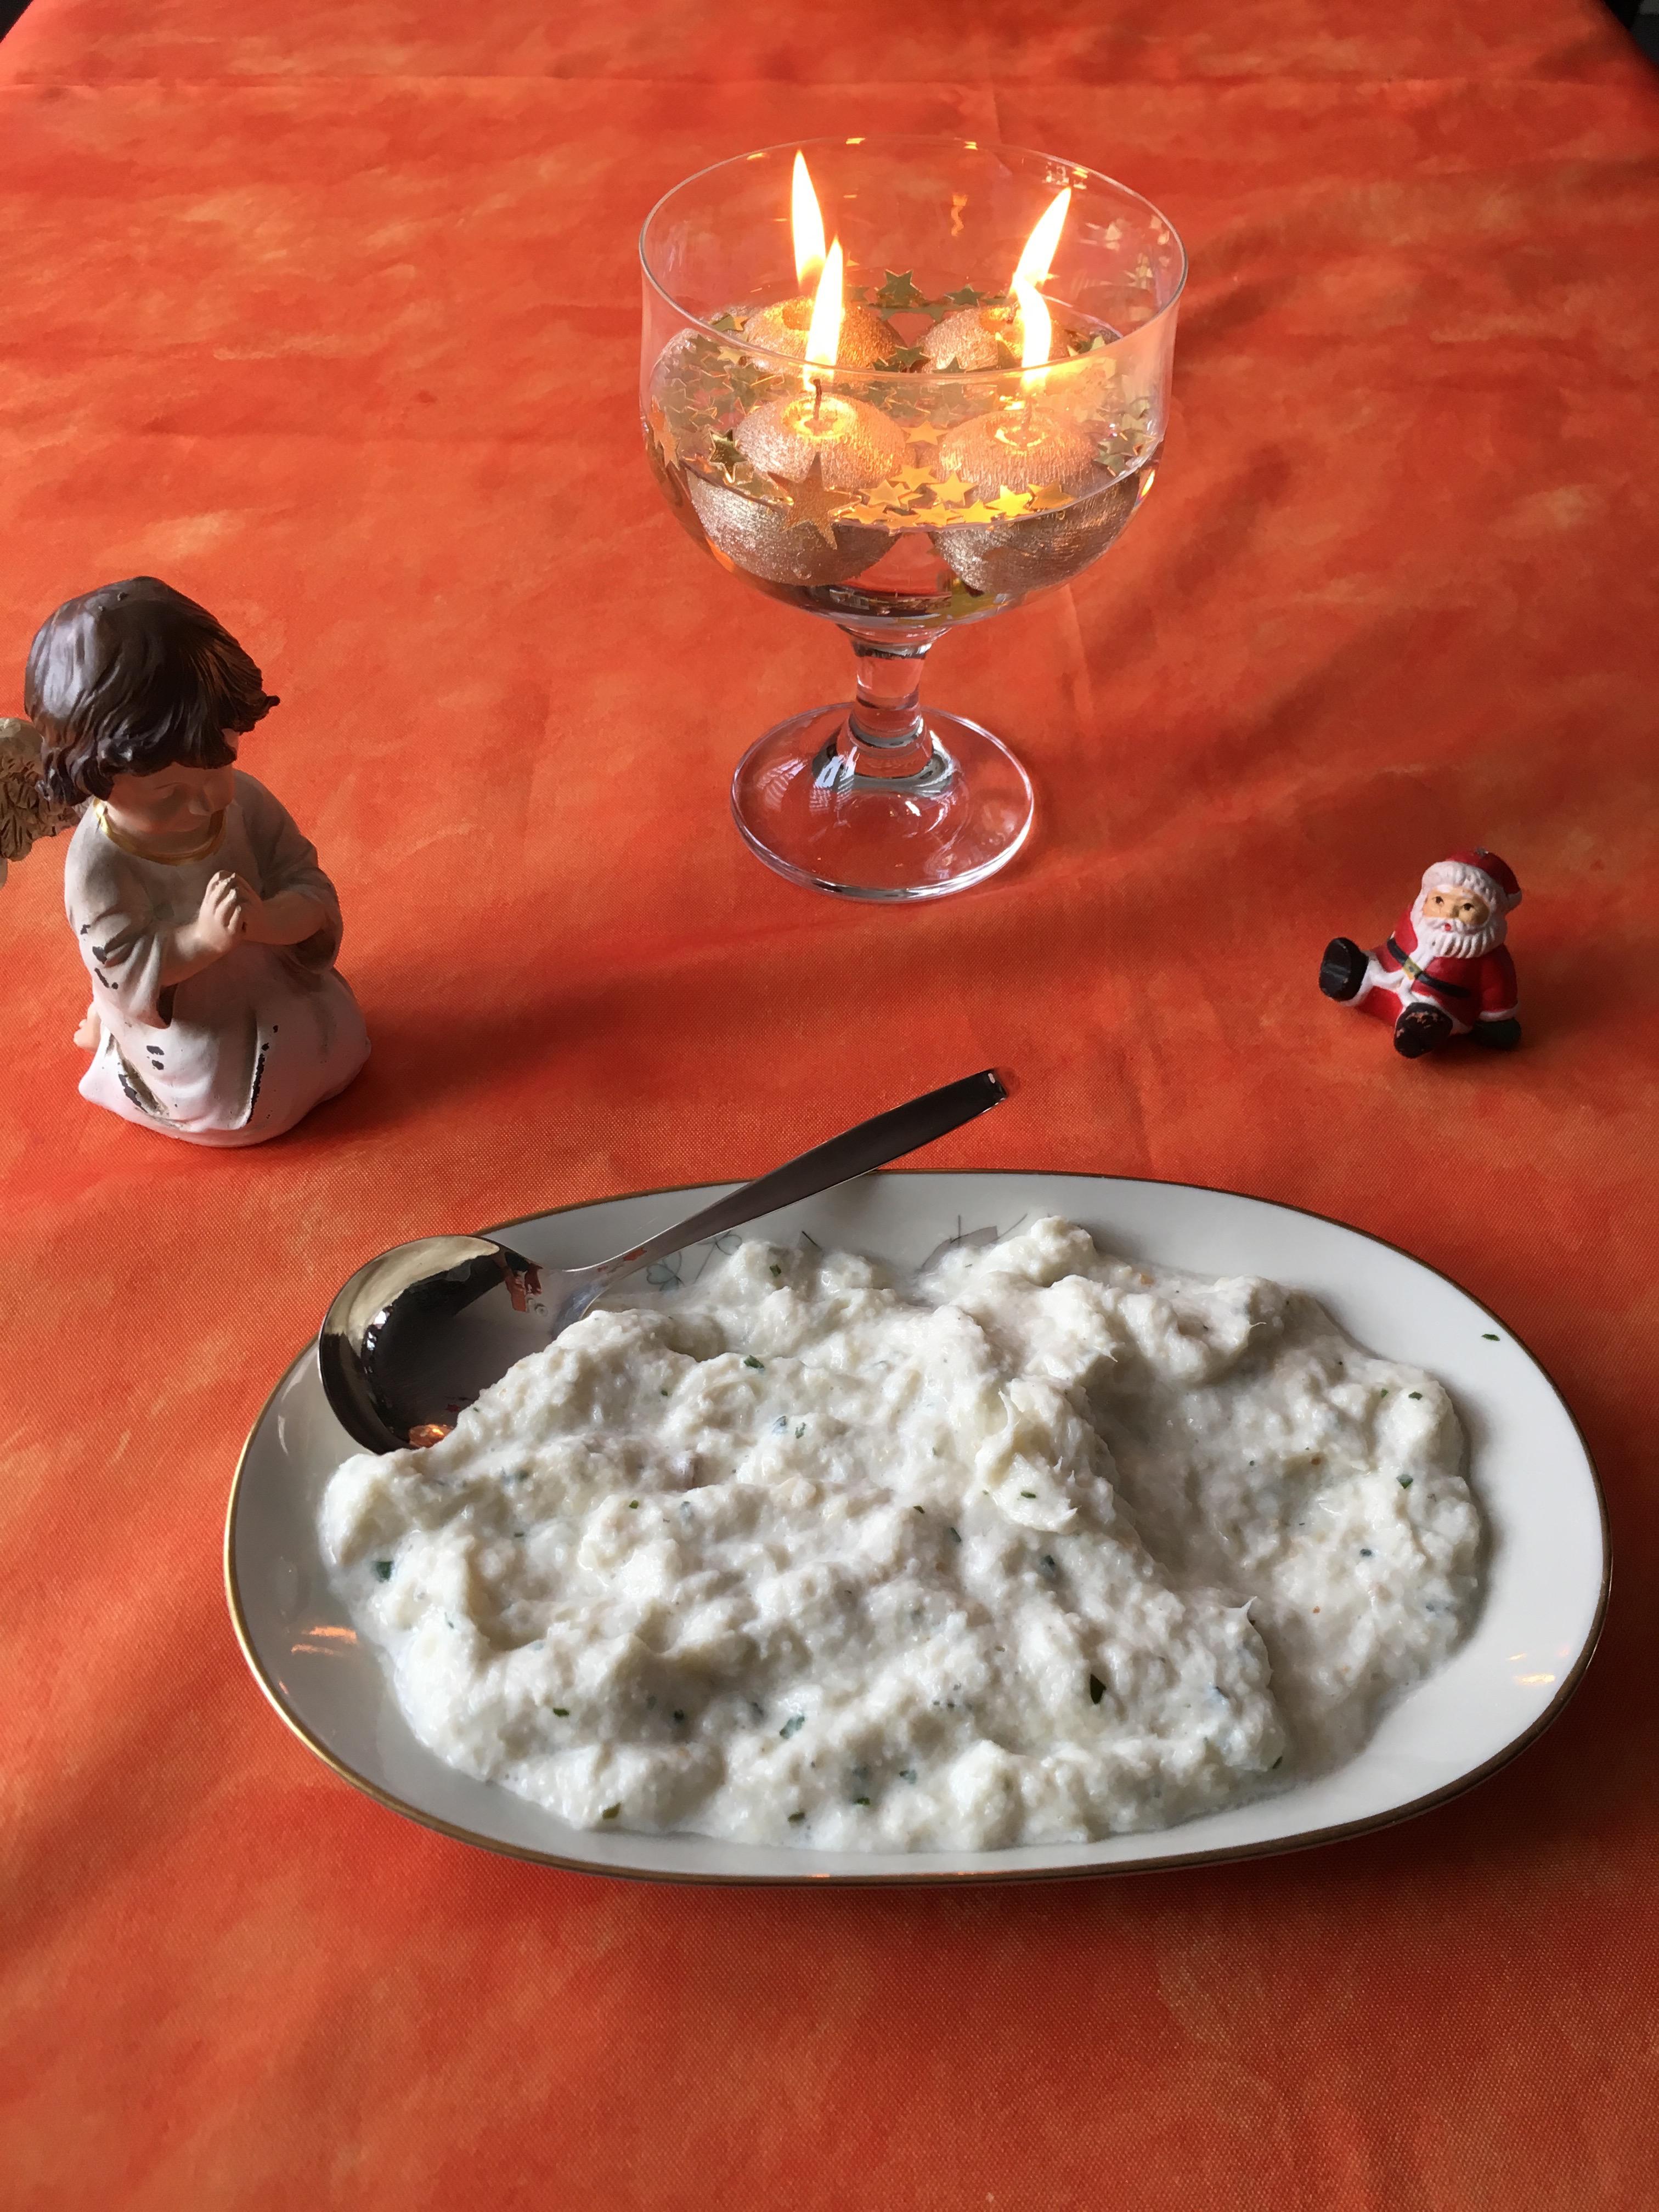 lifestyle-italienisches-weihnachtsessen-essen-weihnachten-heiligabend-weihnachtsmenue-3-2